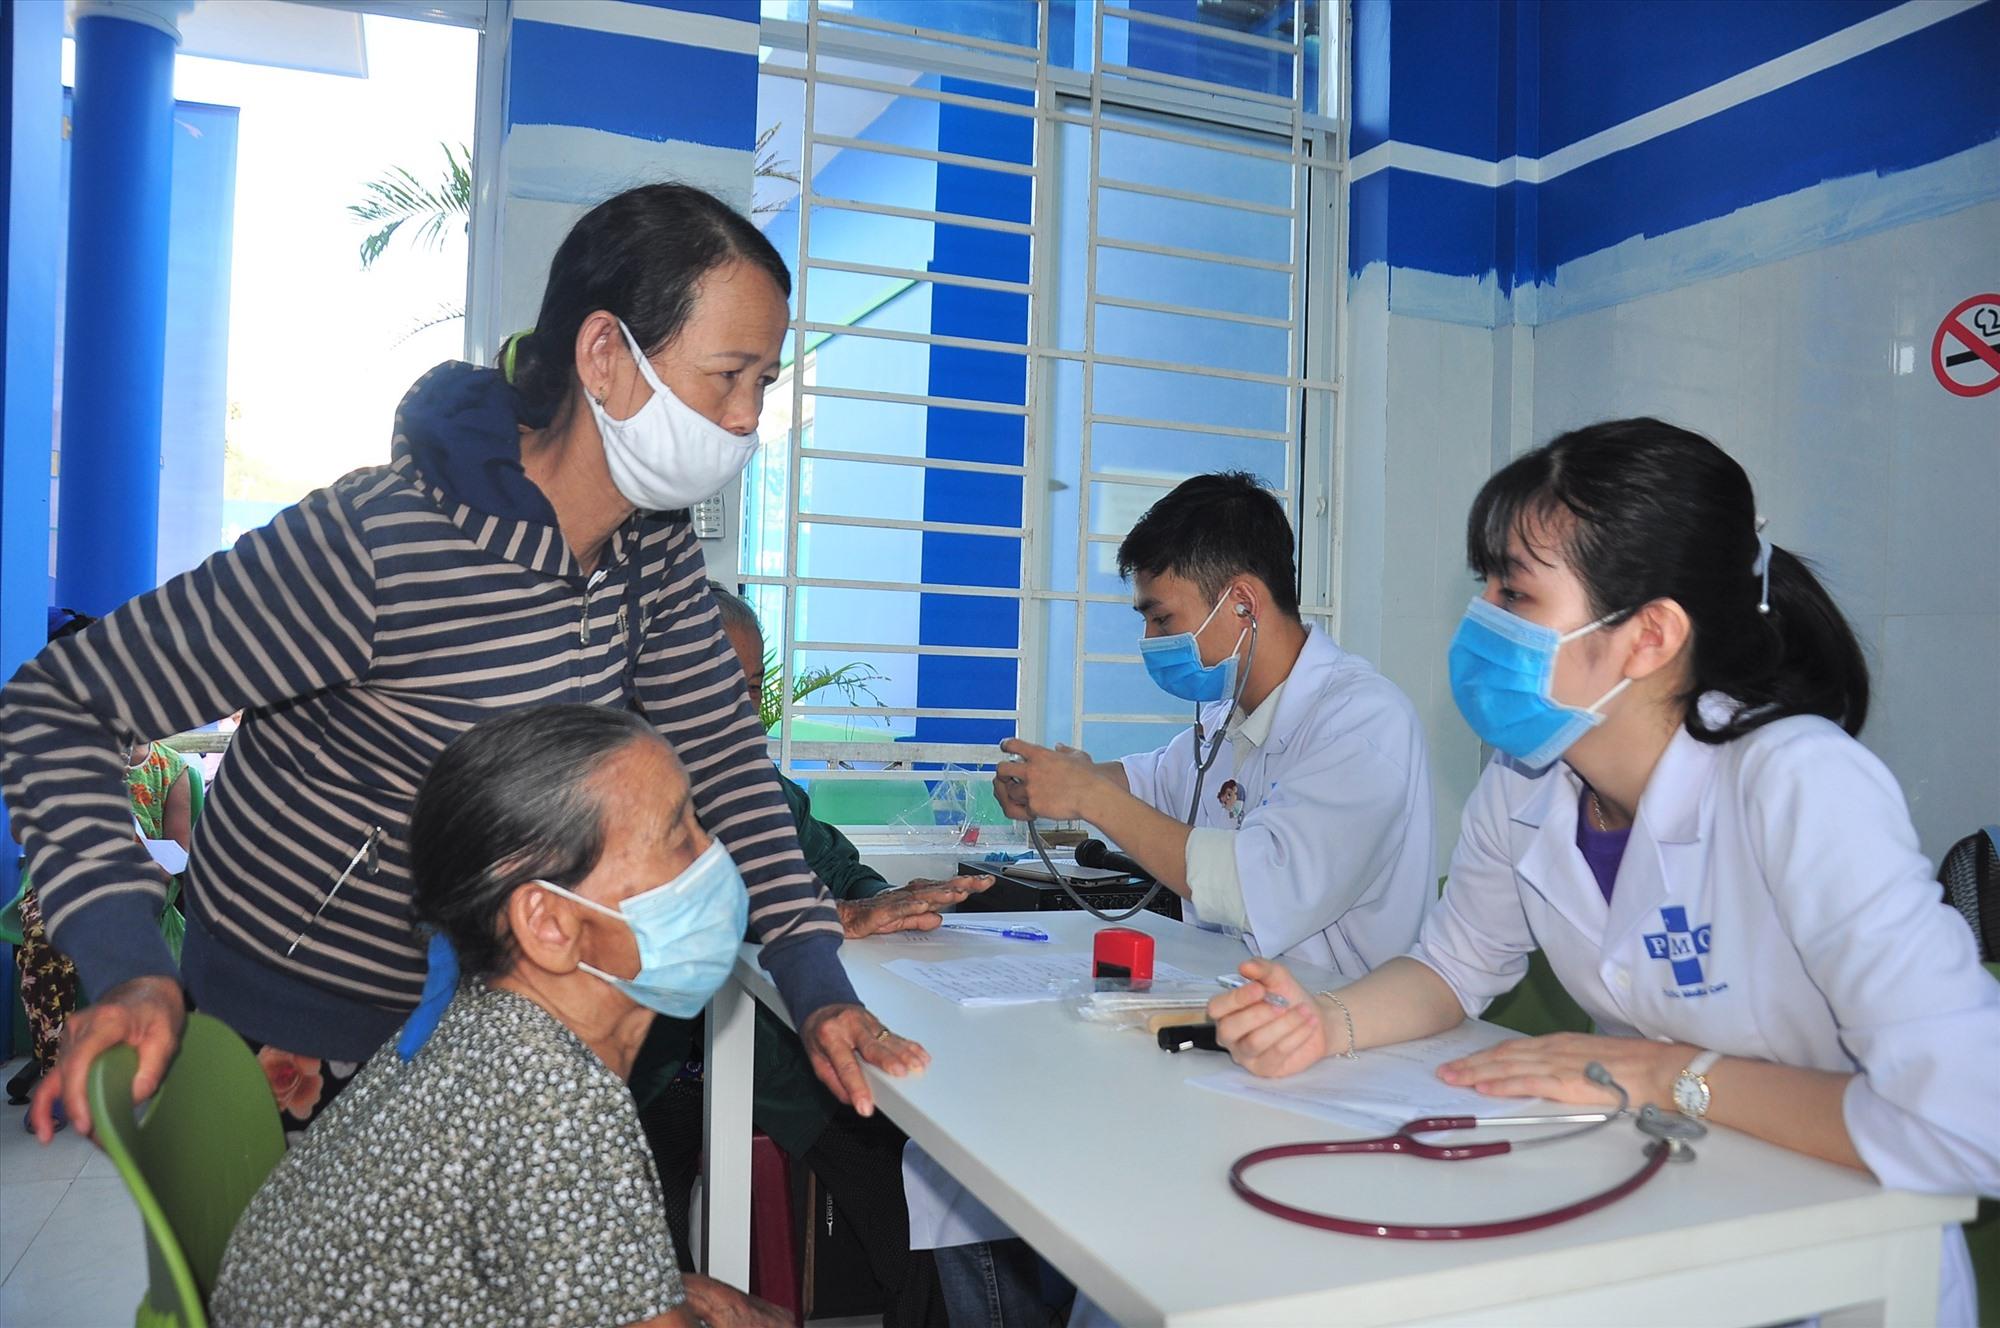 Dự kiến có khoảng 600 người dân các địa phương Tam Thăng, Tam Phú và phường An Sơn được khám bệnh, cấp phát thuốc miễn phí từ chương trình. Ảnh: VINH ANH